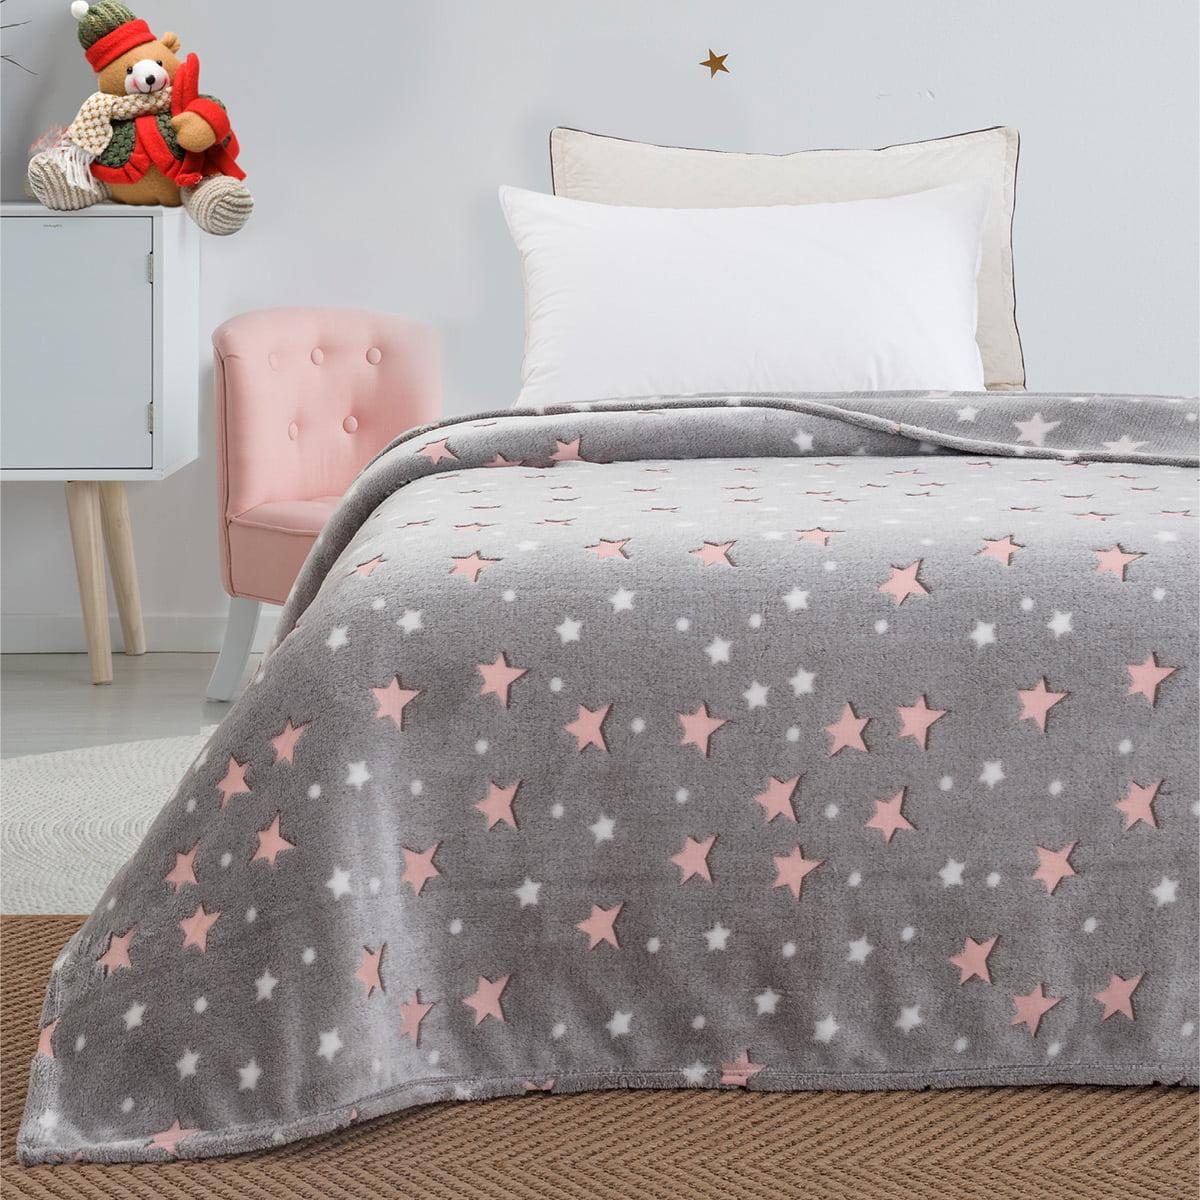 Κουβέρτα μονή φωσφορίζουσα Art 6129  160x220 Γκρι Beauty Home